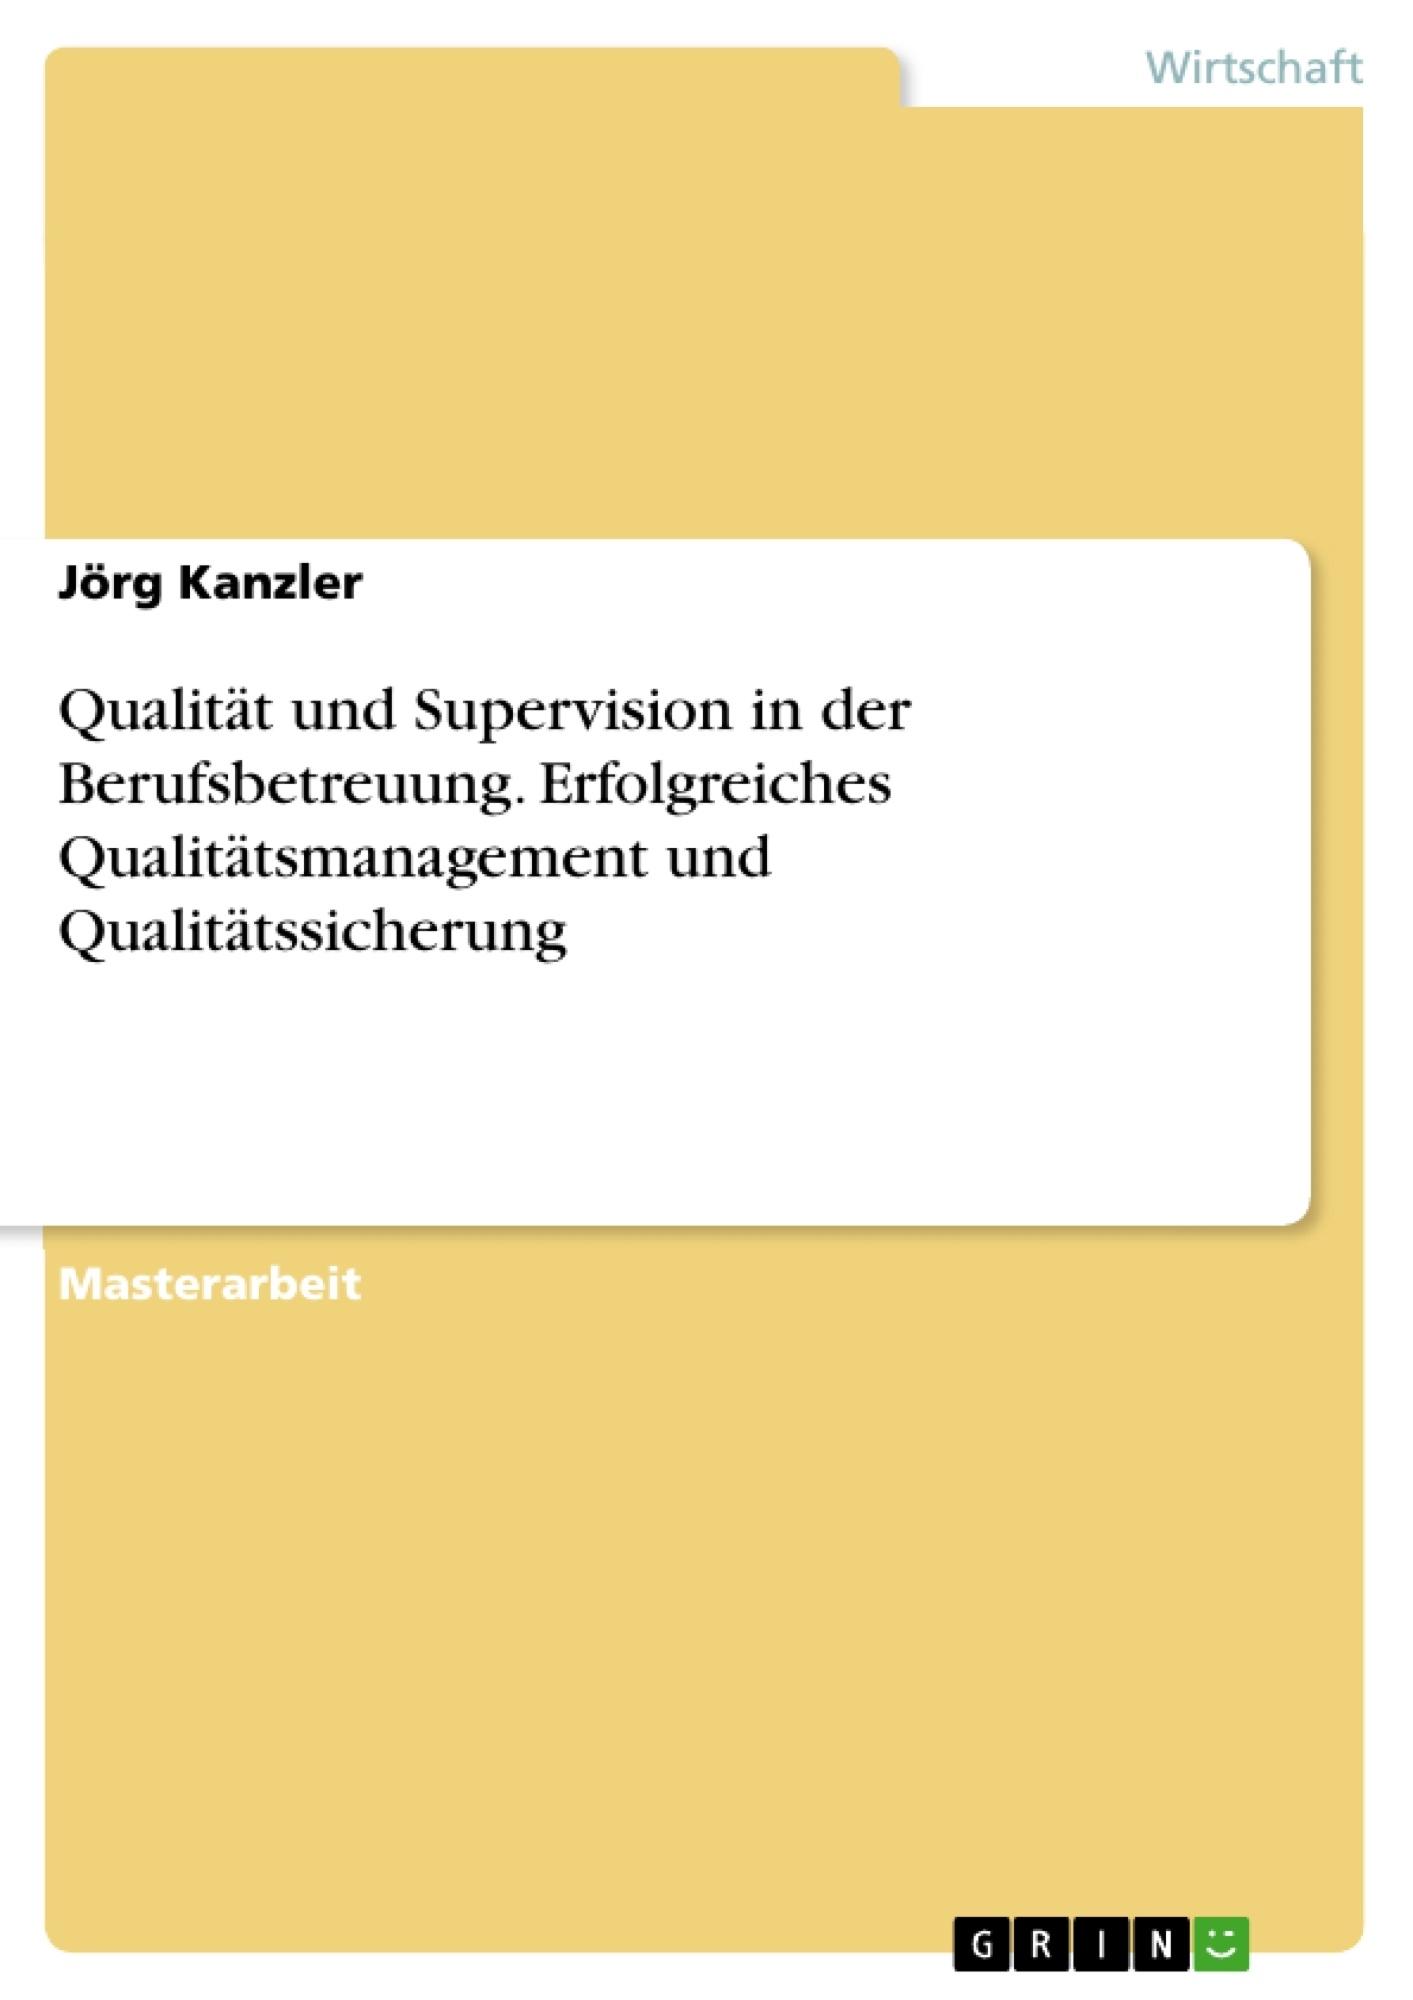 Titel: Qualität und Supervision in der Berufsbetreuung. Erfolgreiches Qualitätsmanagement und Qualitätssicherung